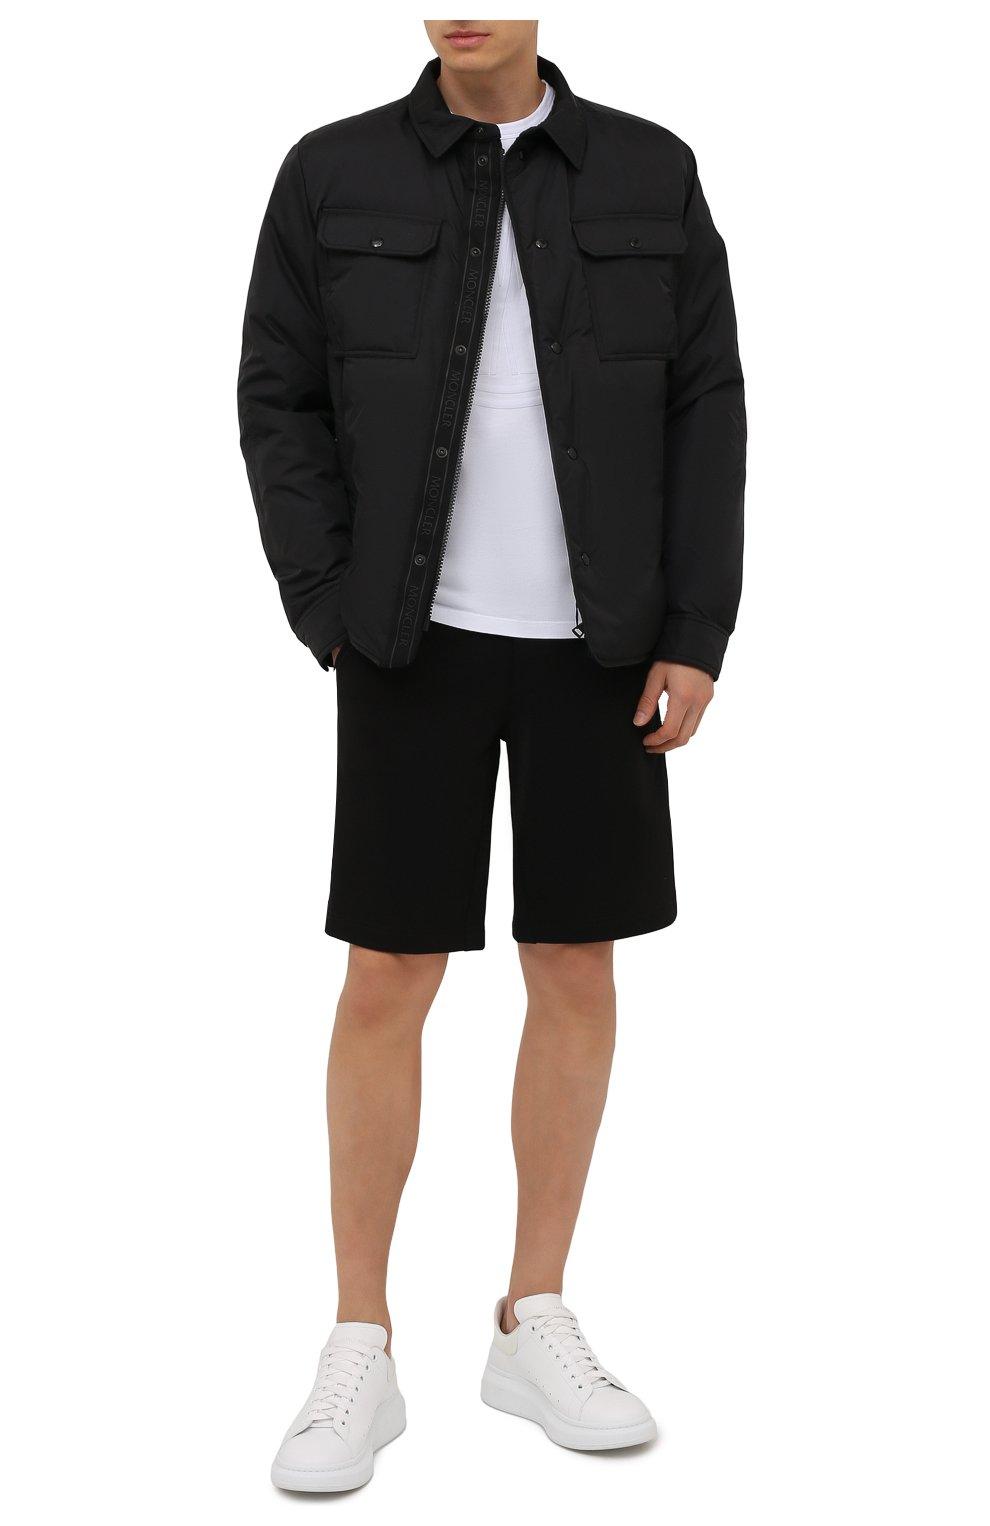 Мужские хлопковые шорты MONCLER черного цвета, арт. G2-091-8H000-12-809KR | Фото 2 (Длина Шорты М: До колена; Принт: Без принта; Кросс-КТ: Трикотаж; Материал внешний: Хлопок; Стили: Спорт-шик)